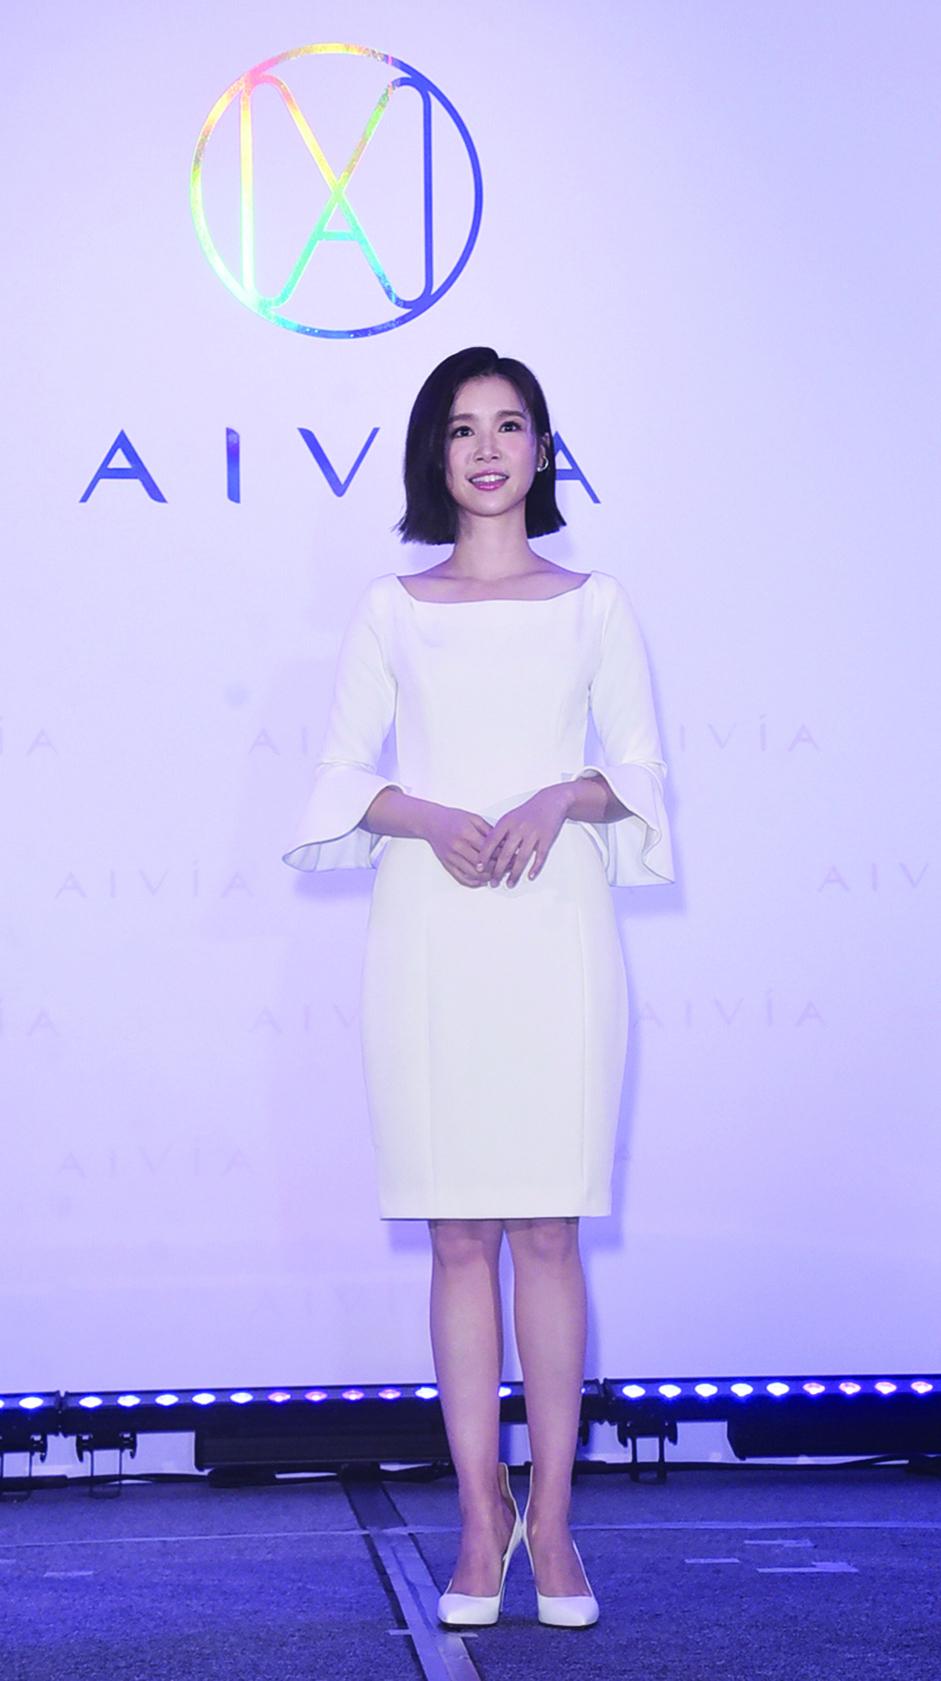 台灣女星李佳穎使用了微針淡斑貼片,讓自己臉上的斑點淡化。